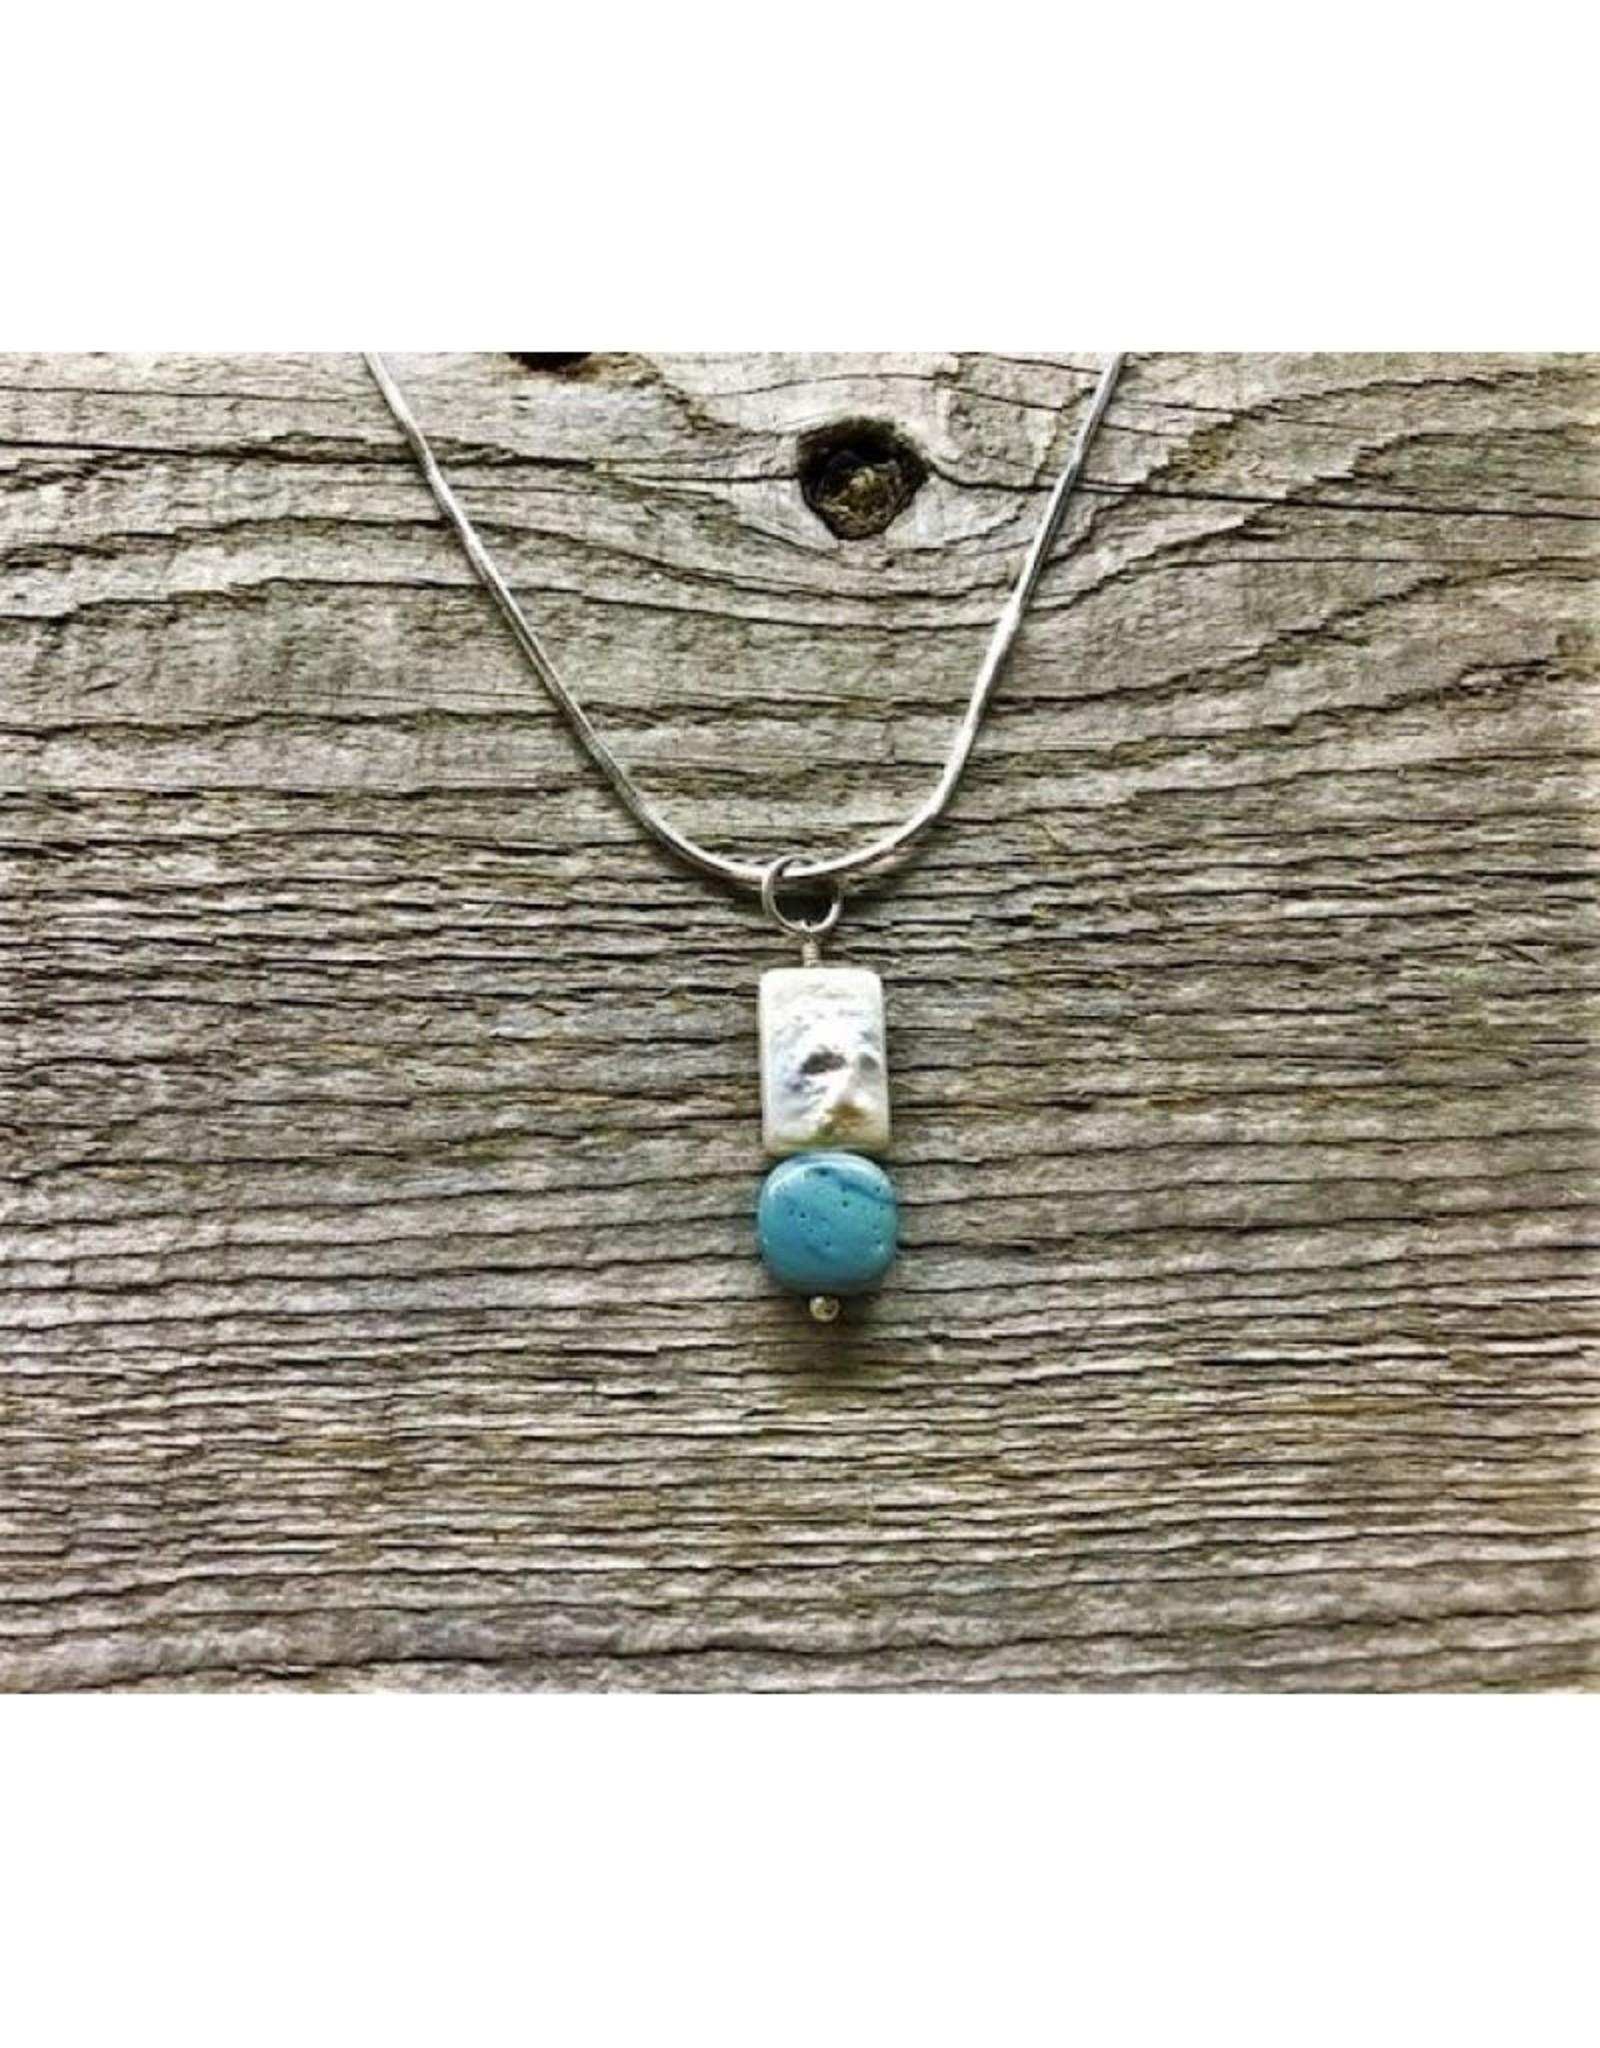 Necklace Pendant - Freshwater Pearl & Leland Blue